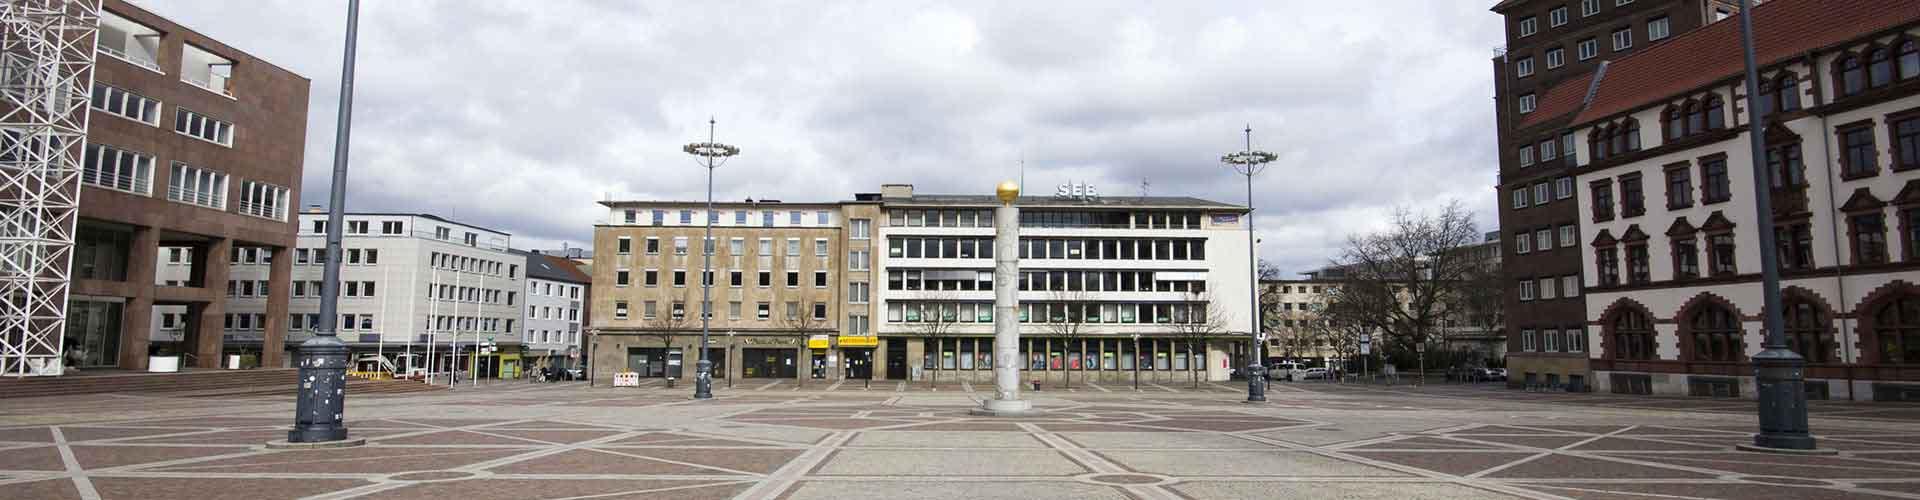 Dortmund - Albergues em Dortmund. Mapas para Dortmund, Fotos e Avaliações para cada Albergue em Dortmund.